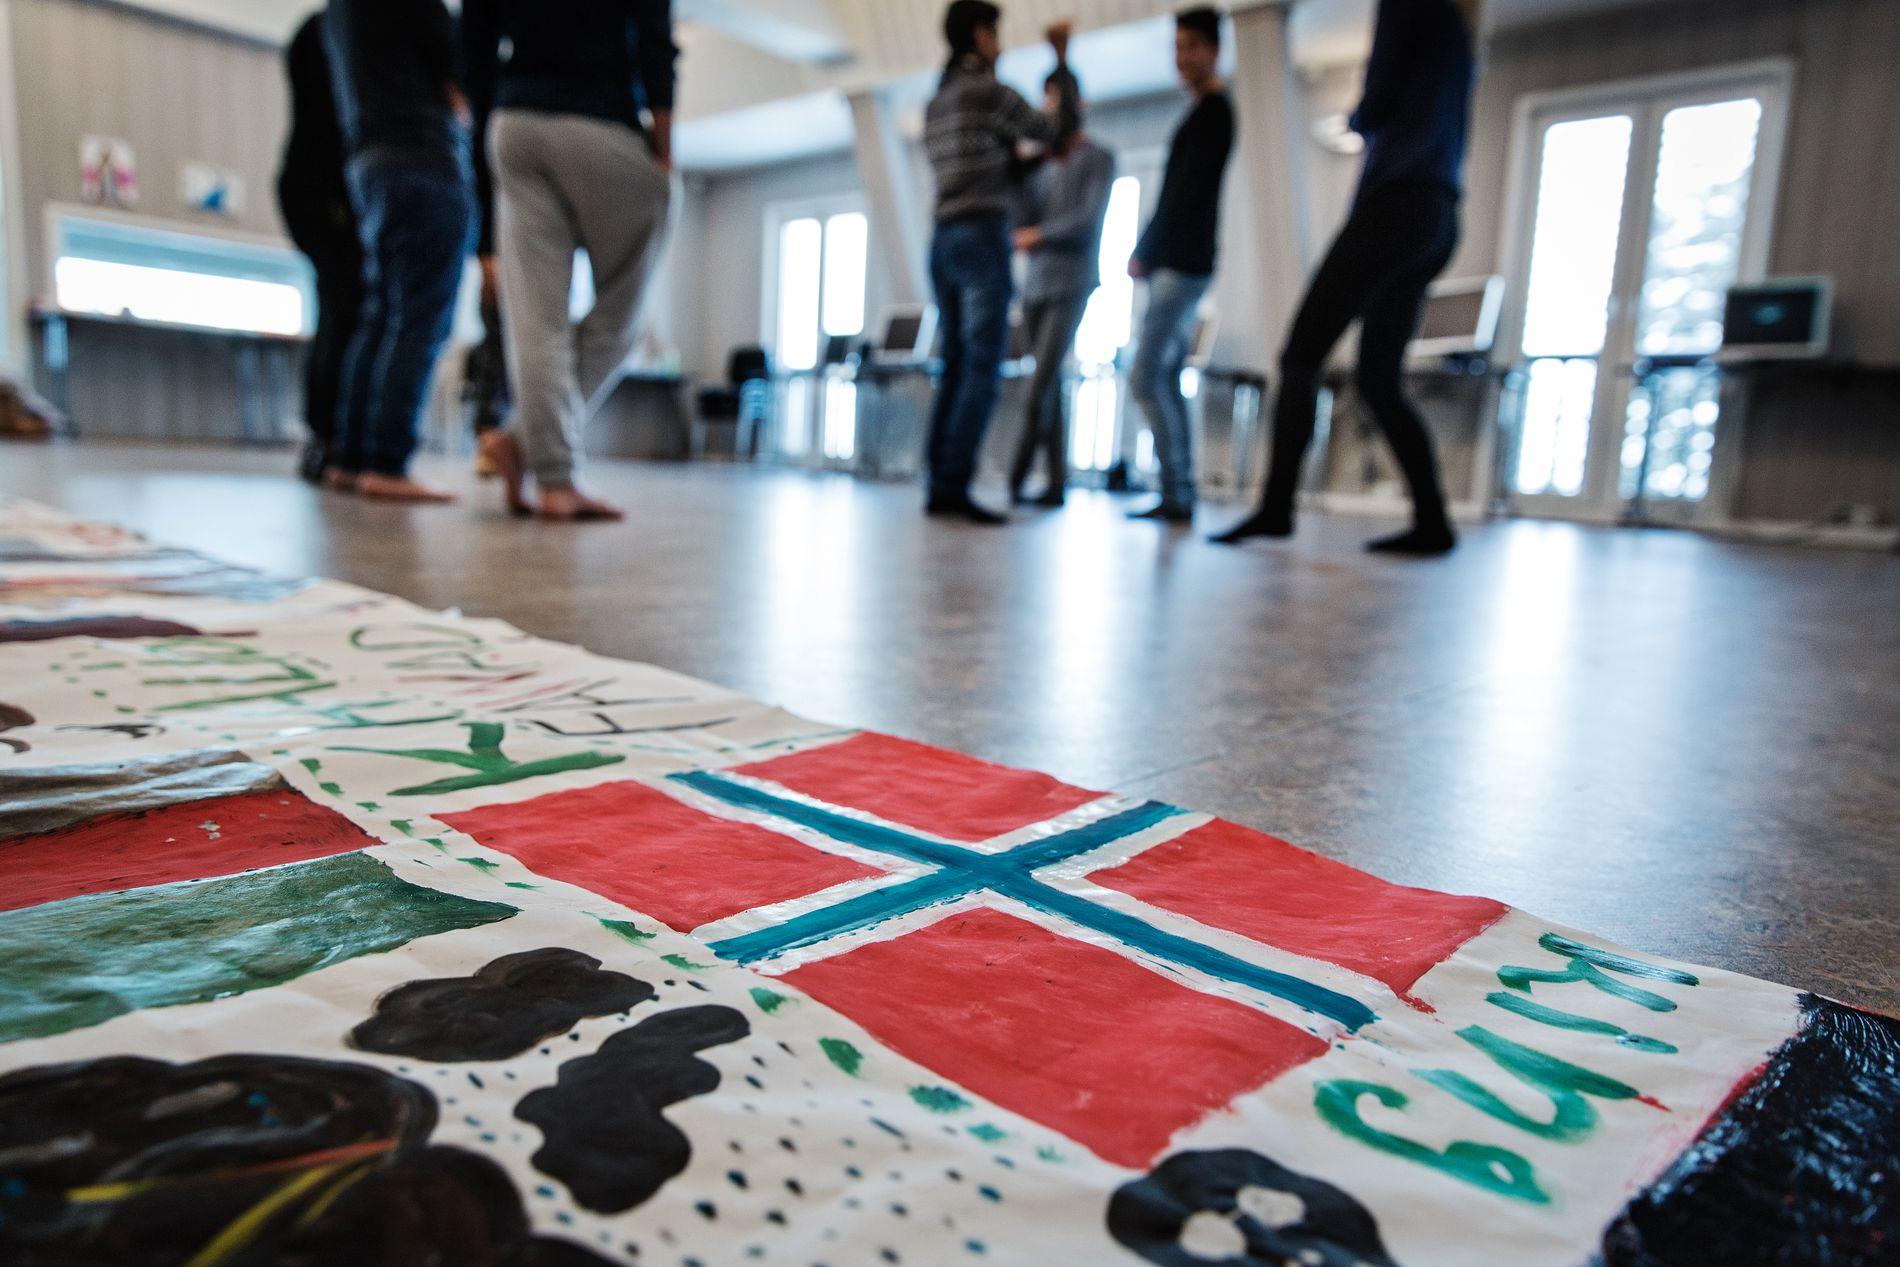 MÅ UT: Det siste året har antallet asylbarn som bare får bli i Norge til de blir 18 år eksplodert. Ap vil ta kampen i Stortinget for at færre skal få midlertidig opphold. Dette bildet er fra et mottak for enslige mindreårige i Innlandet.